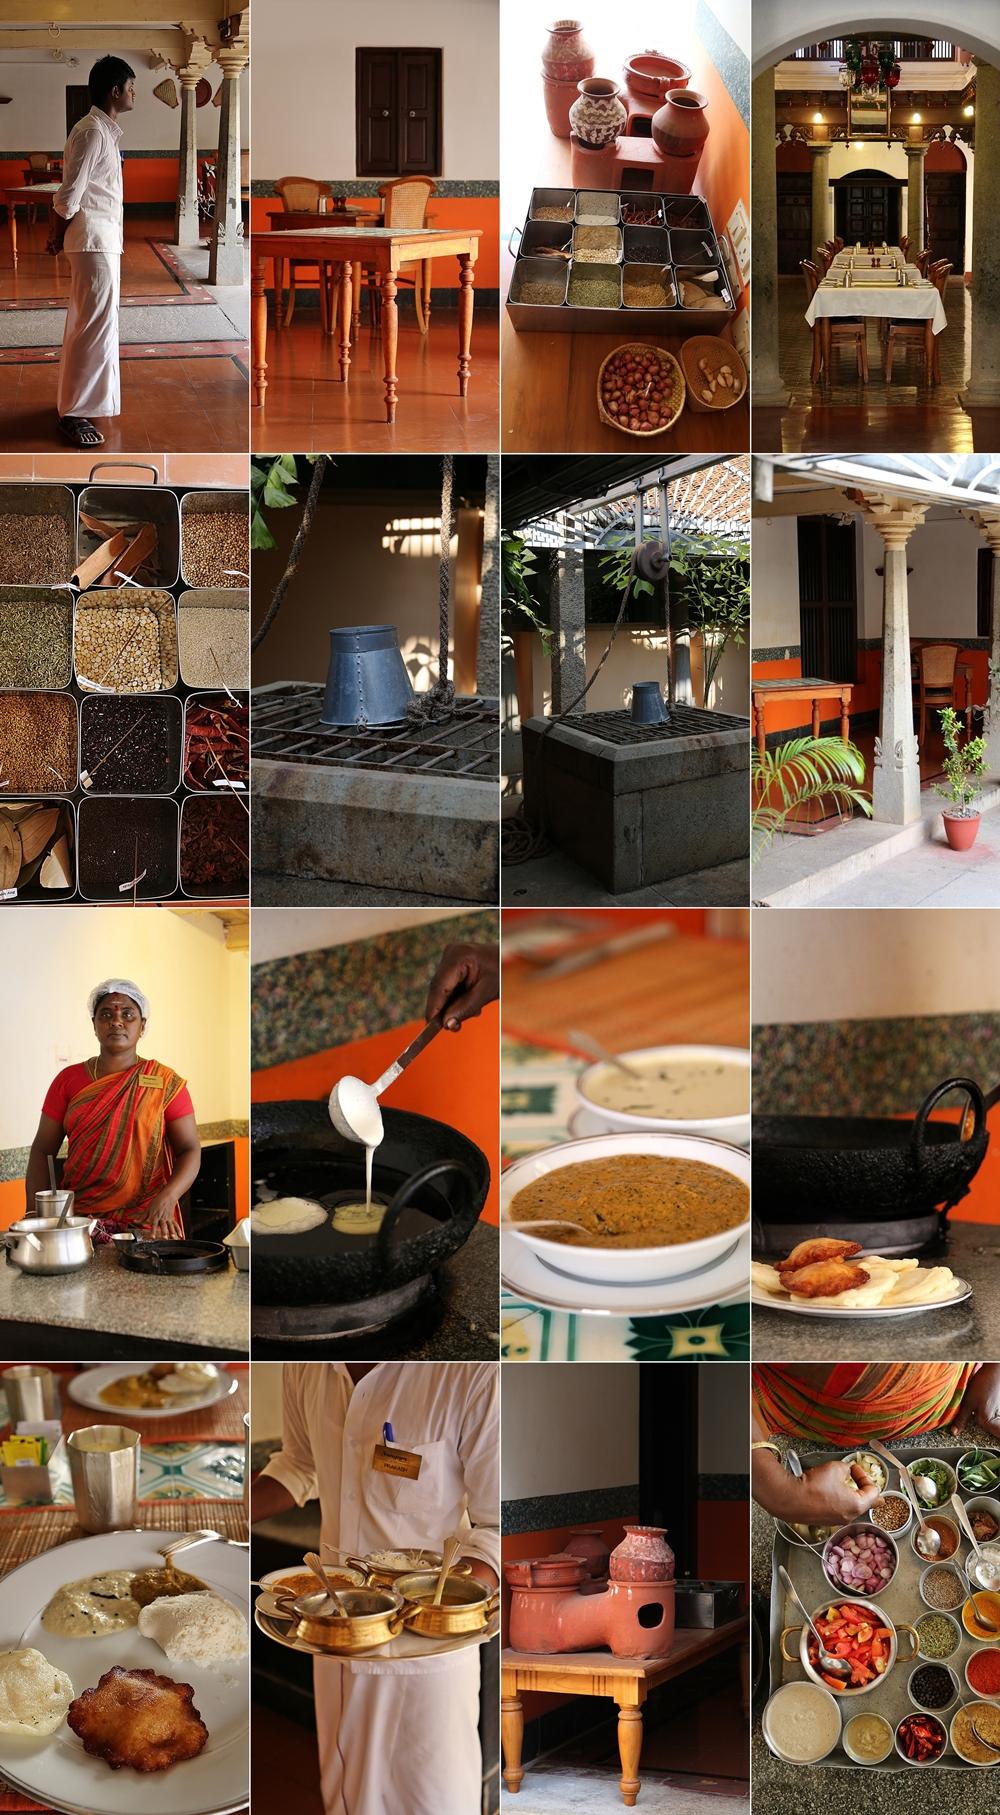 Chettinadu cuisine ,Chidambaram Vilas, Karaikudi, Chettinad, South India